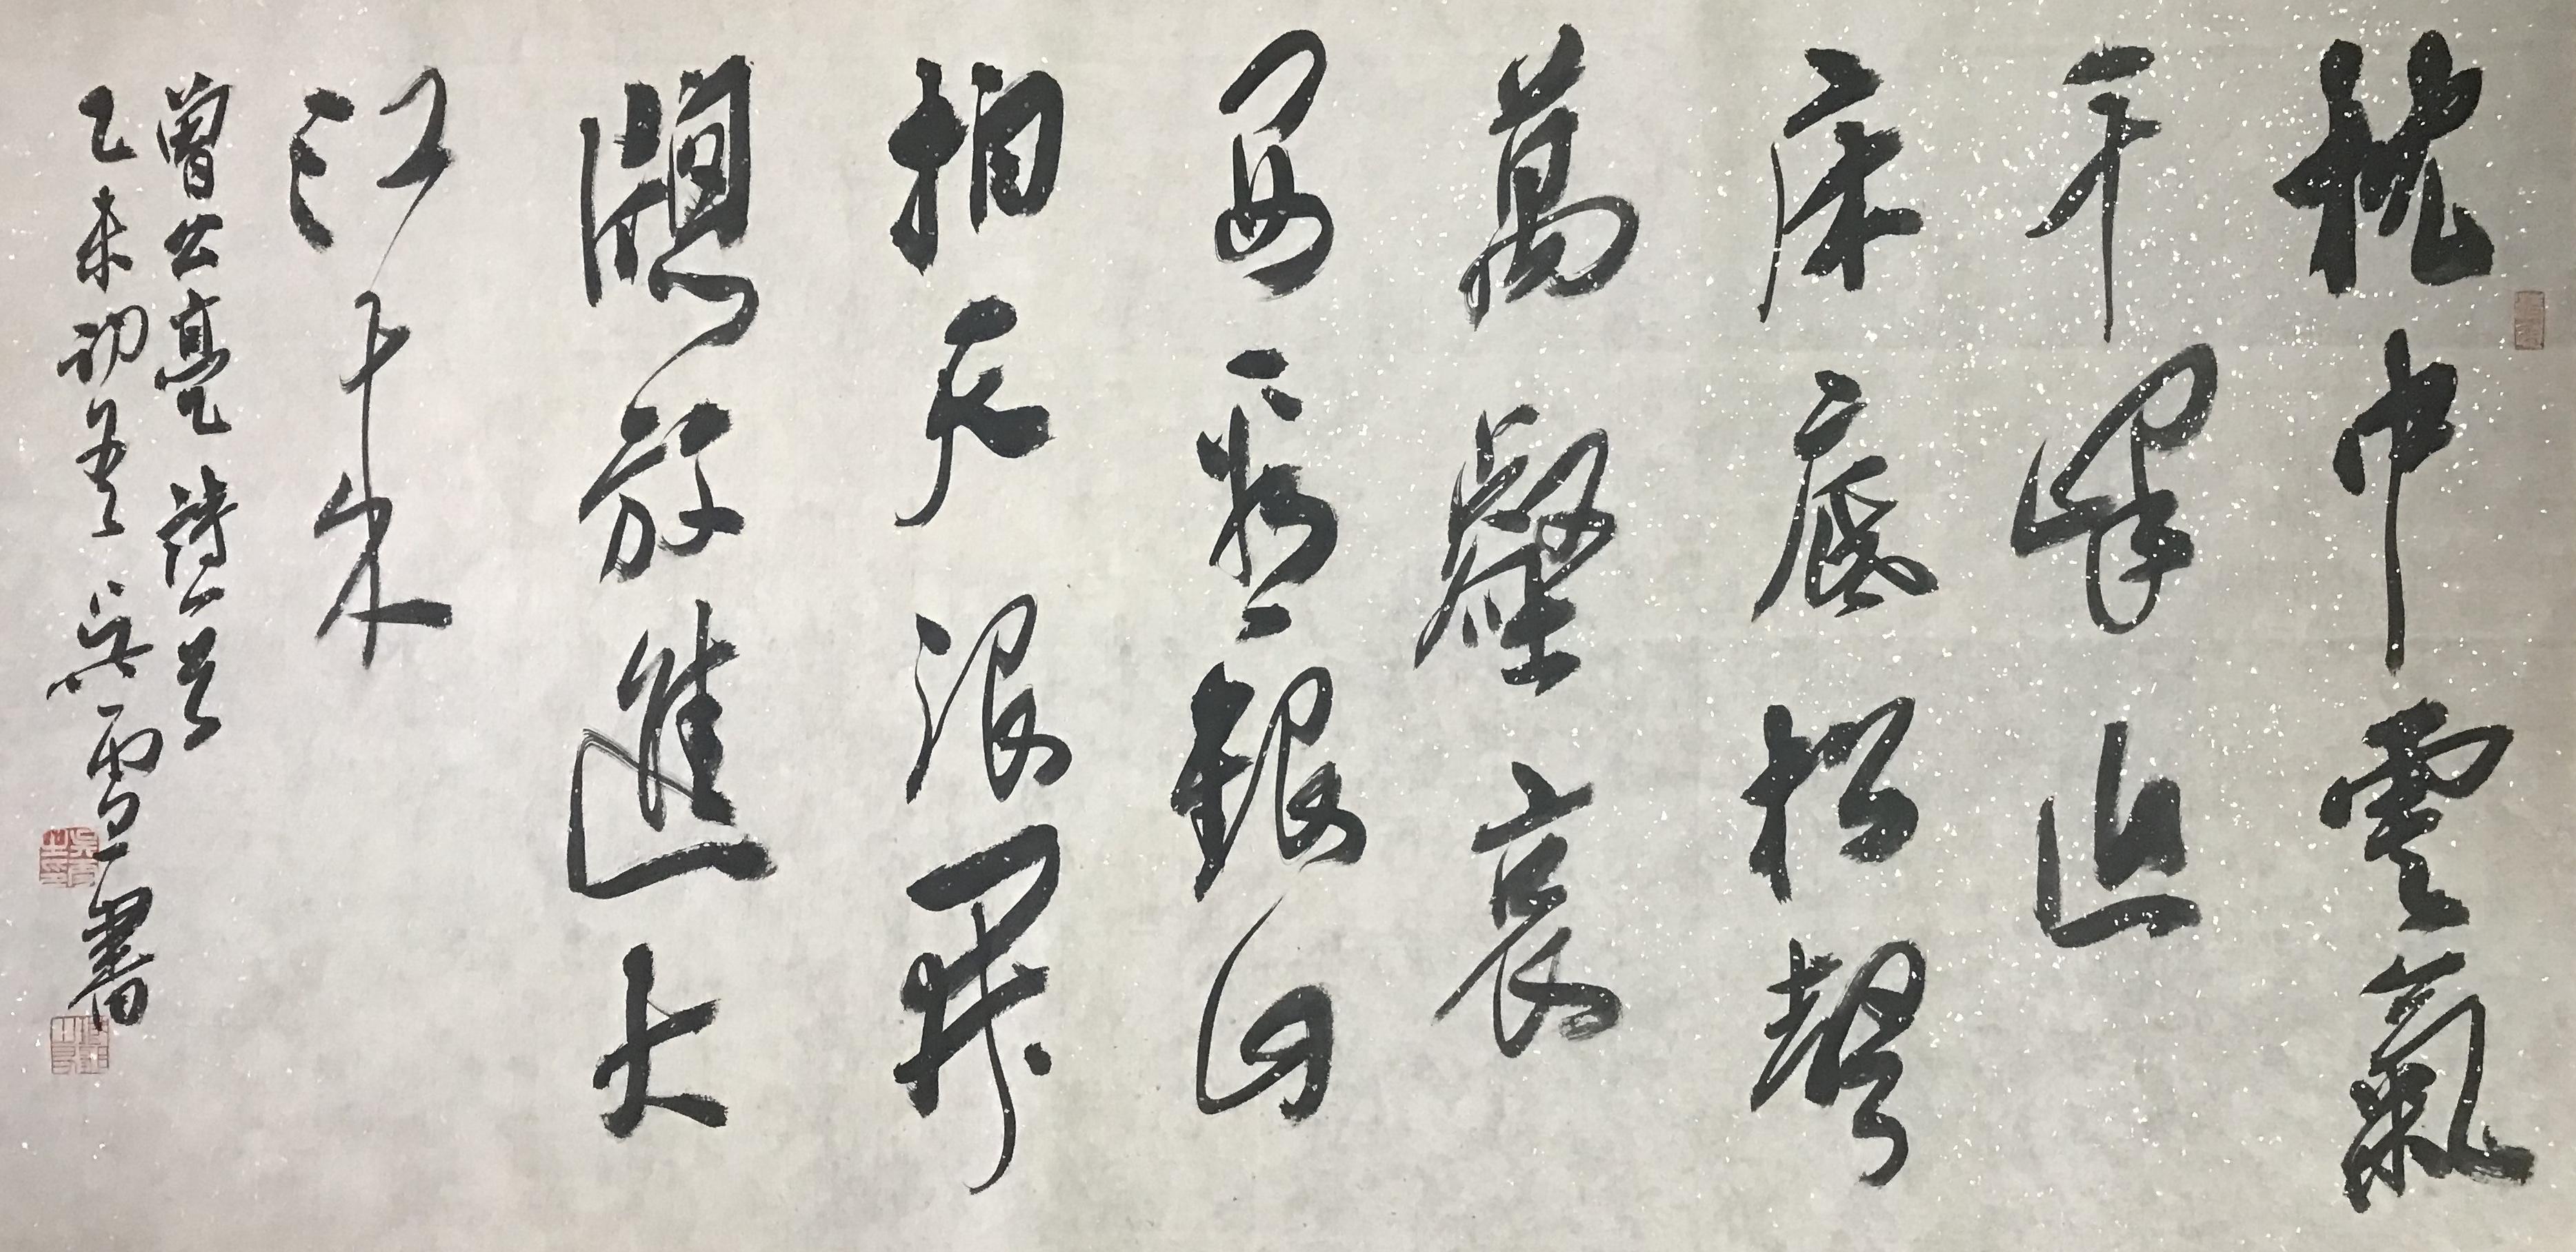 吴雪—曾公亮《宿甘露寺僧舍 》